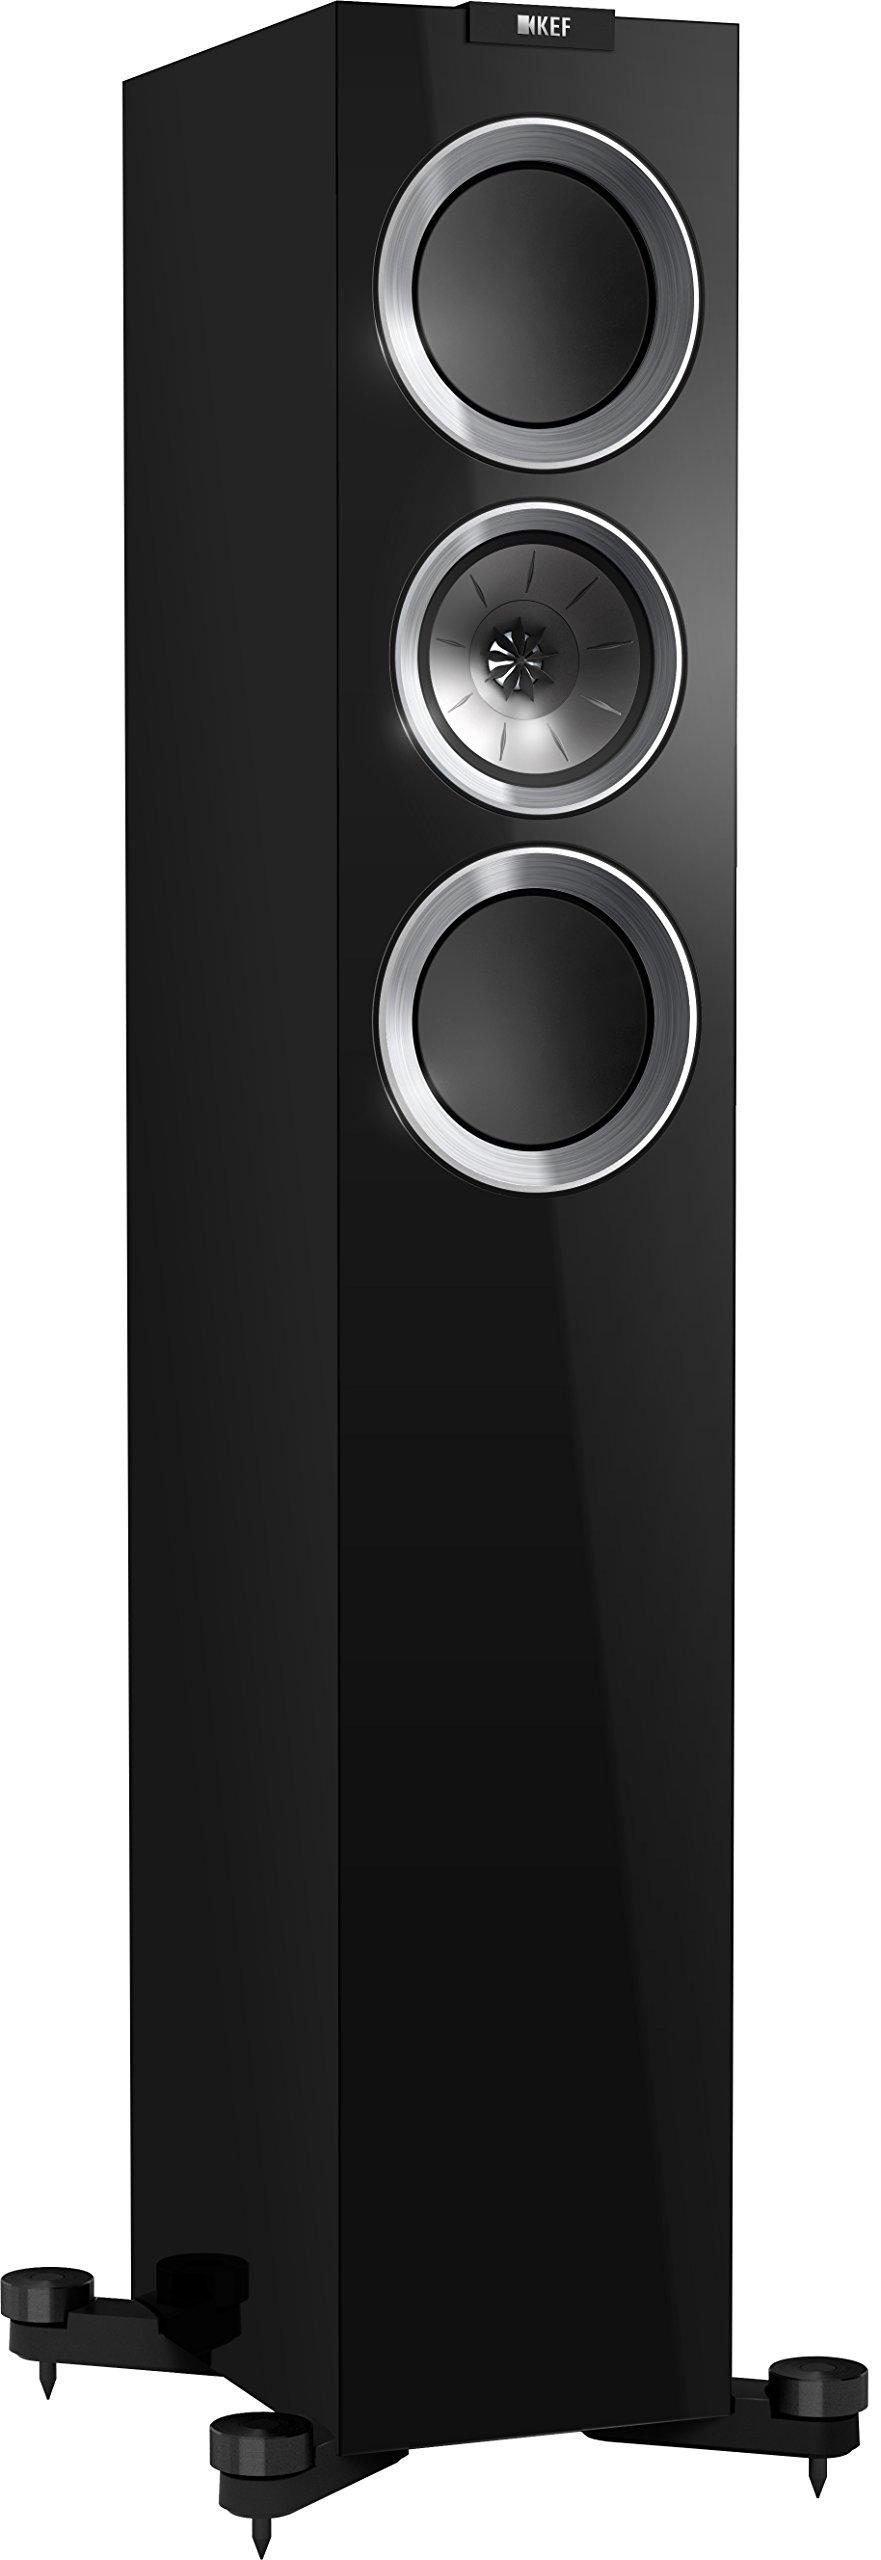 KEF R500 Floorstanding Loudspeaker - High Gloss Piano Black (Pair)